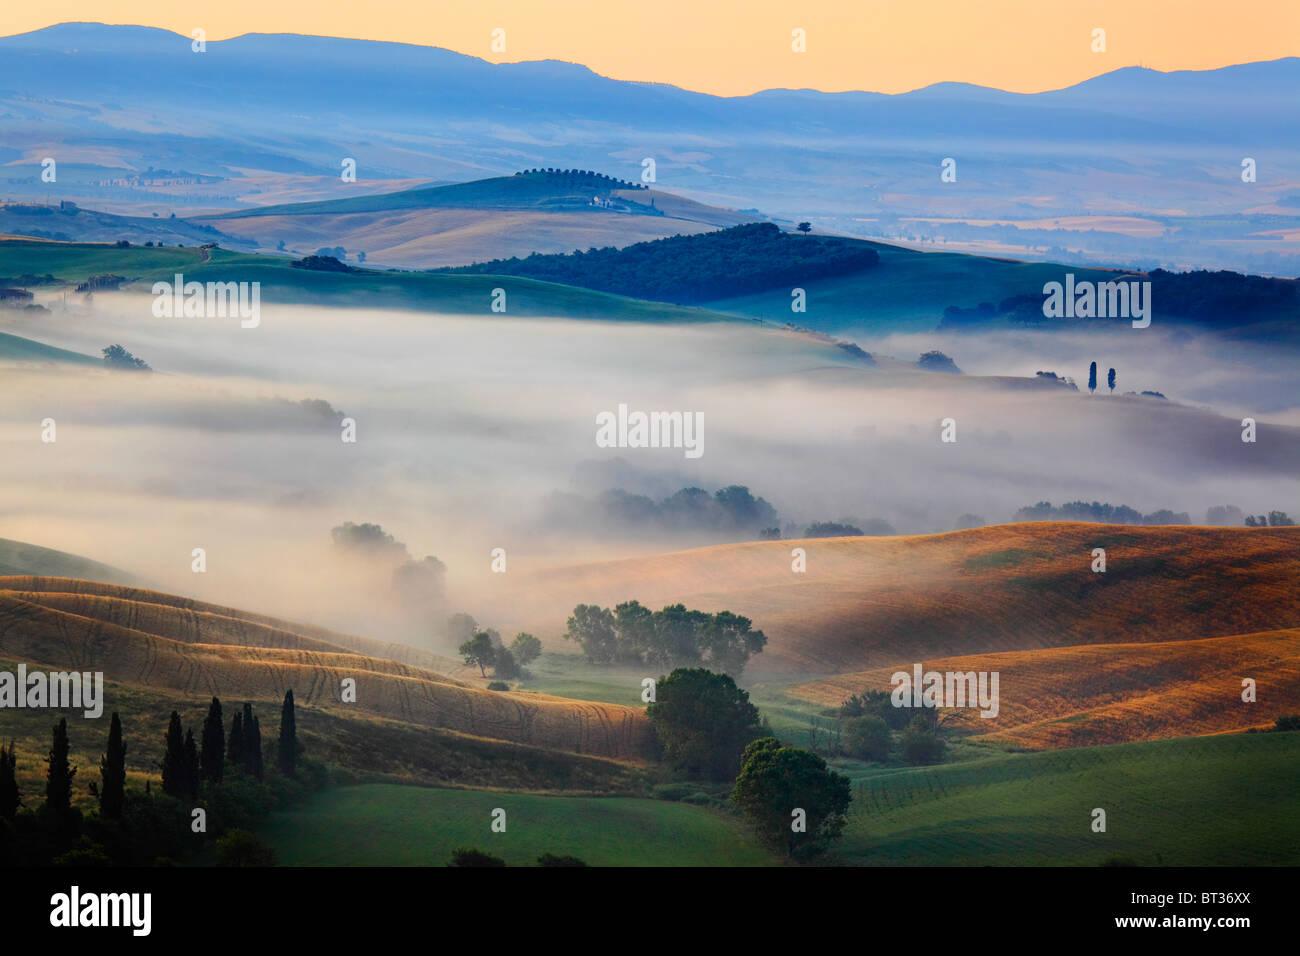 Val d'Orcia en Toscane province de l'Italie Photo Stock